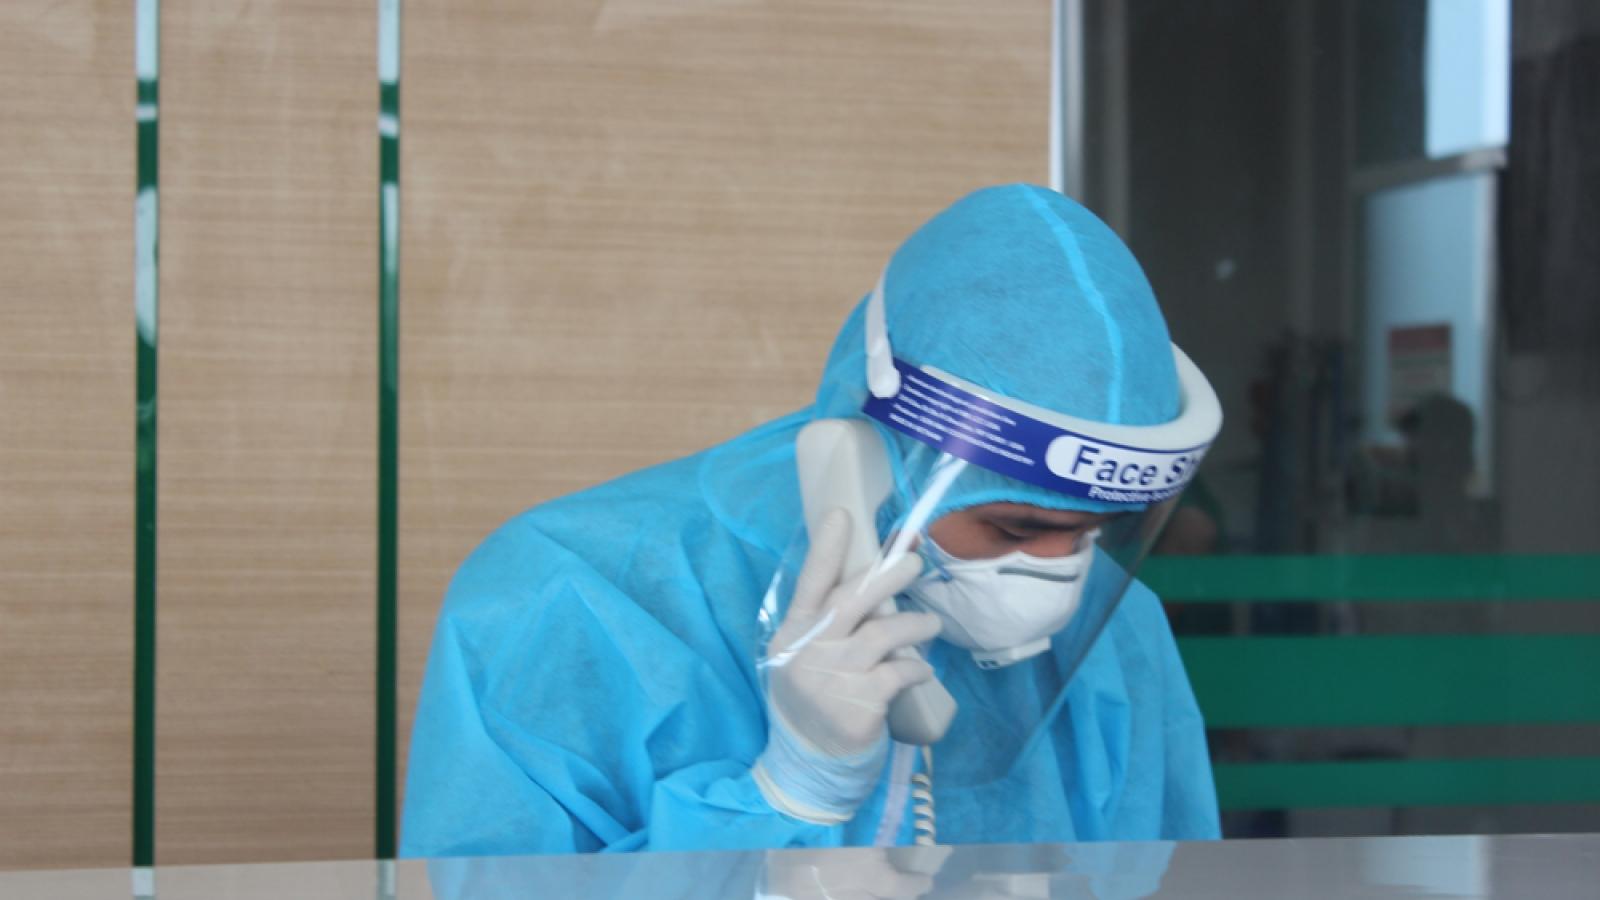 Thông báo khẩn tìm người từng đến các điểm ở Đà Nẵng, Hà Nội, TPHCM